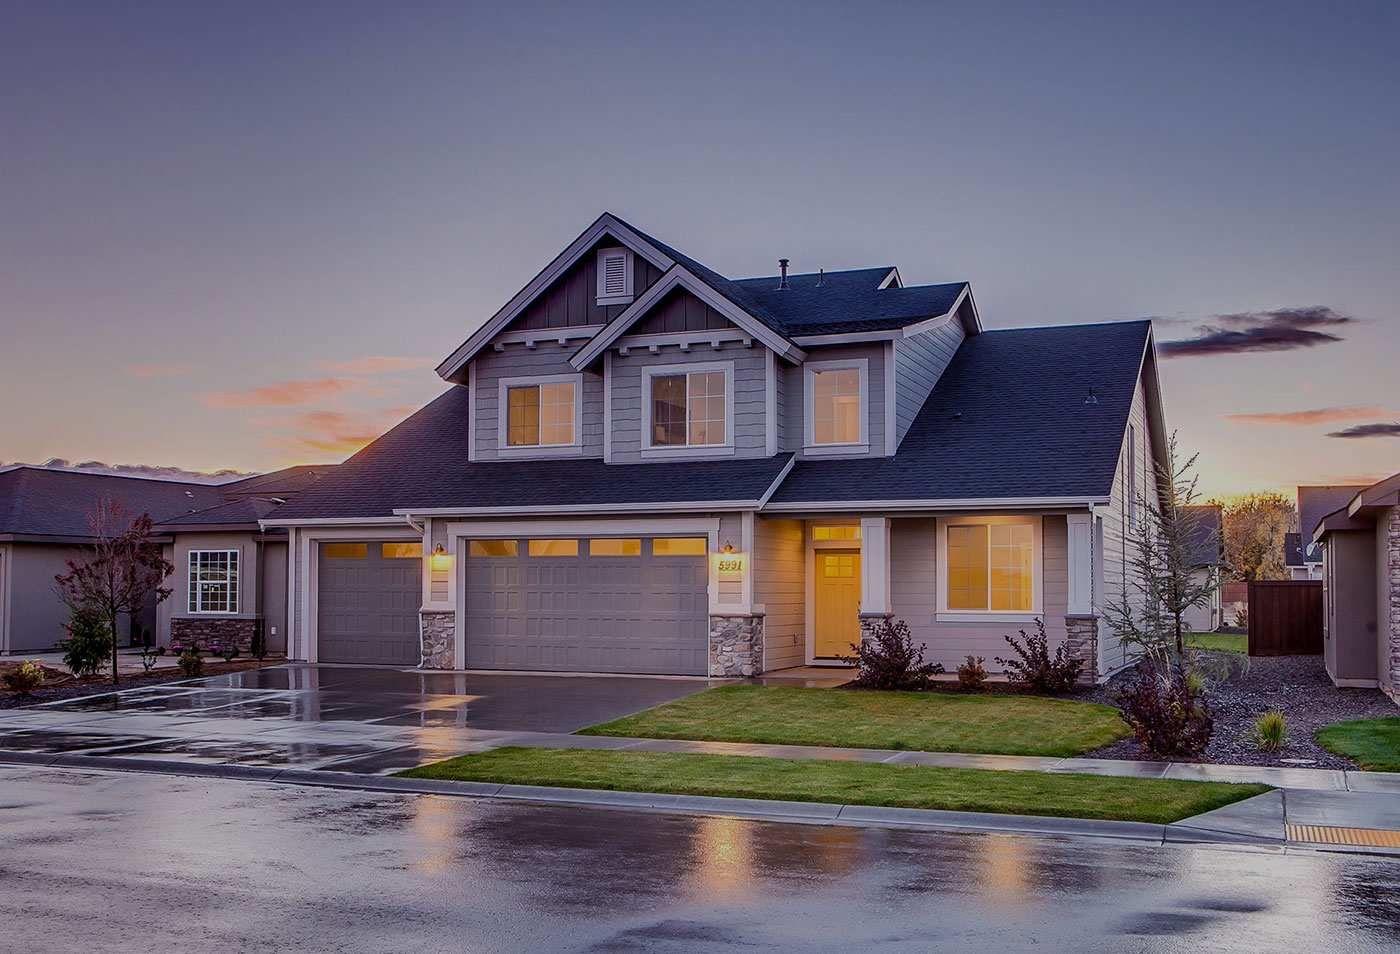 Buy Best Properties in Niagara Falls, Homes in Niagara | Team Dale Mundi